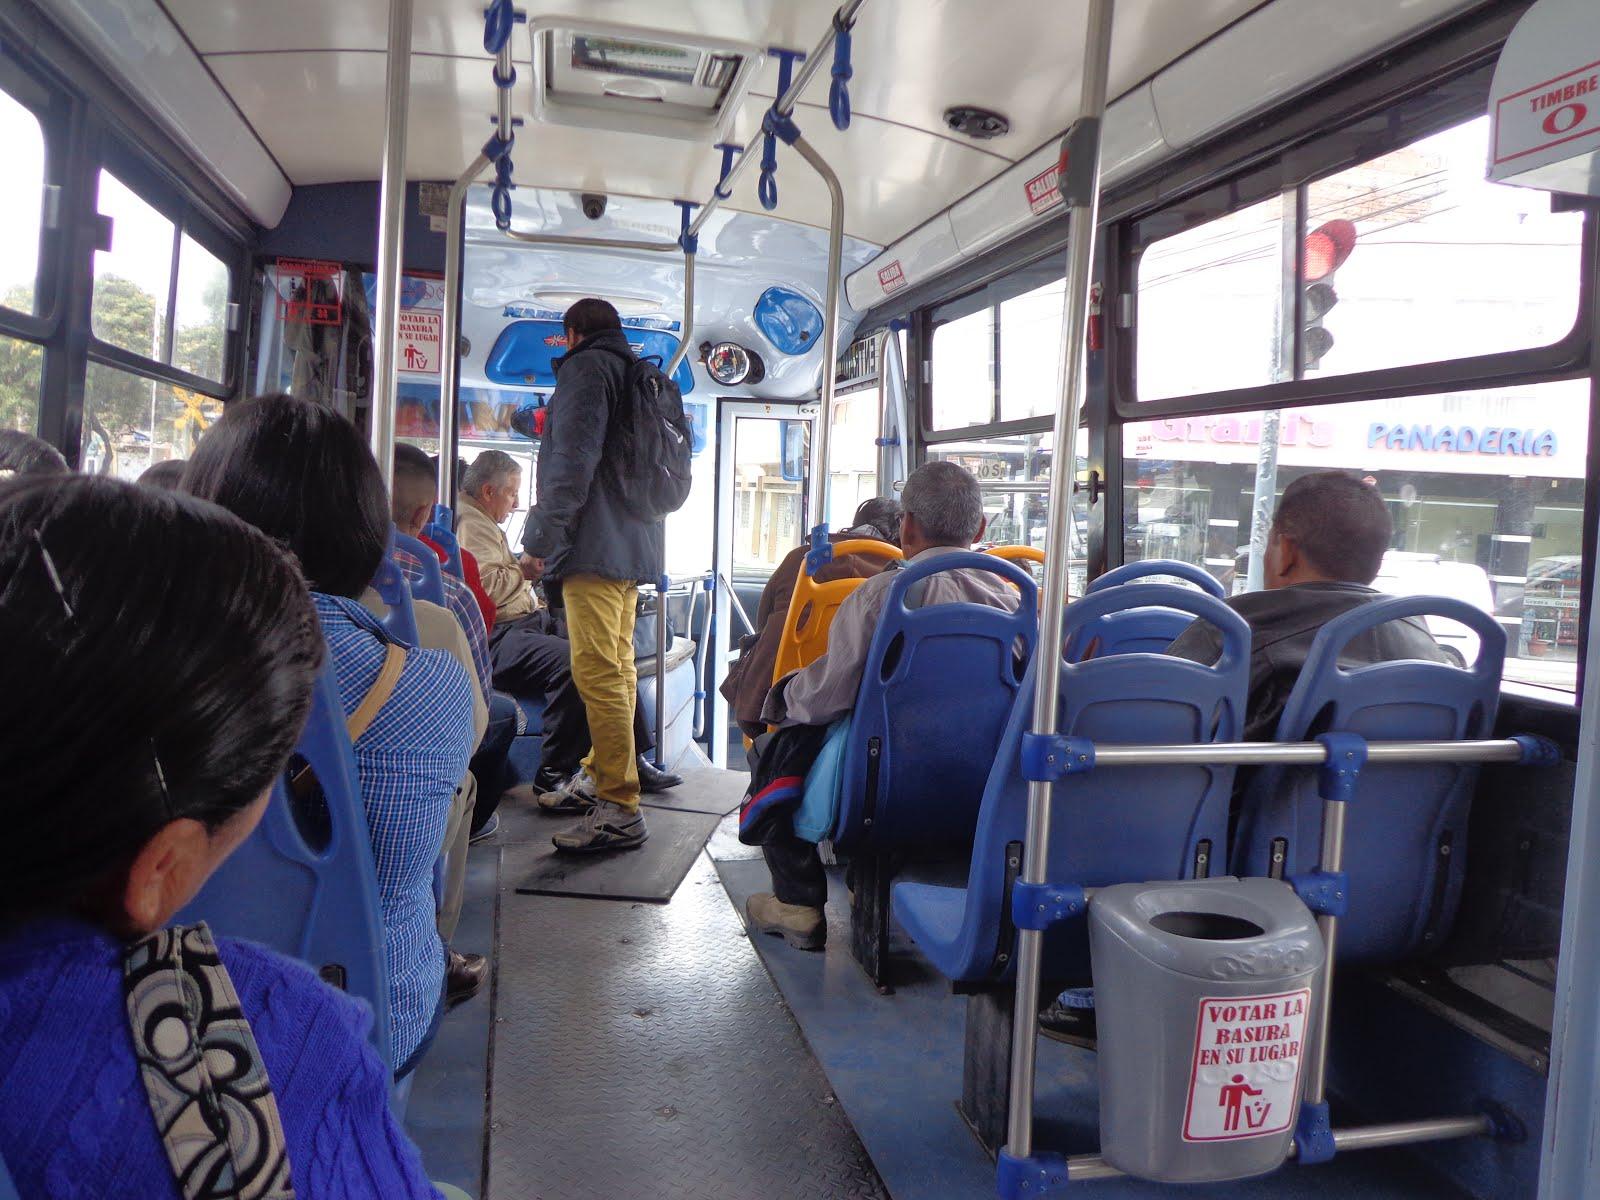 Resultado de imagen para riobamba buses